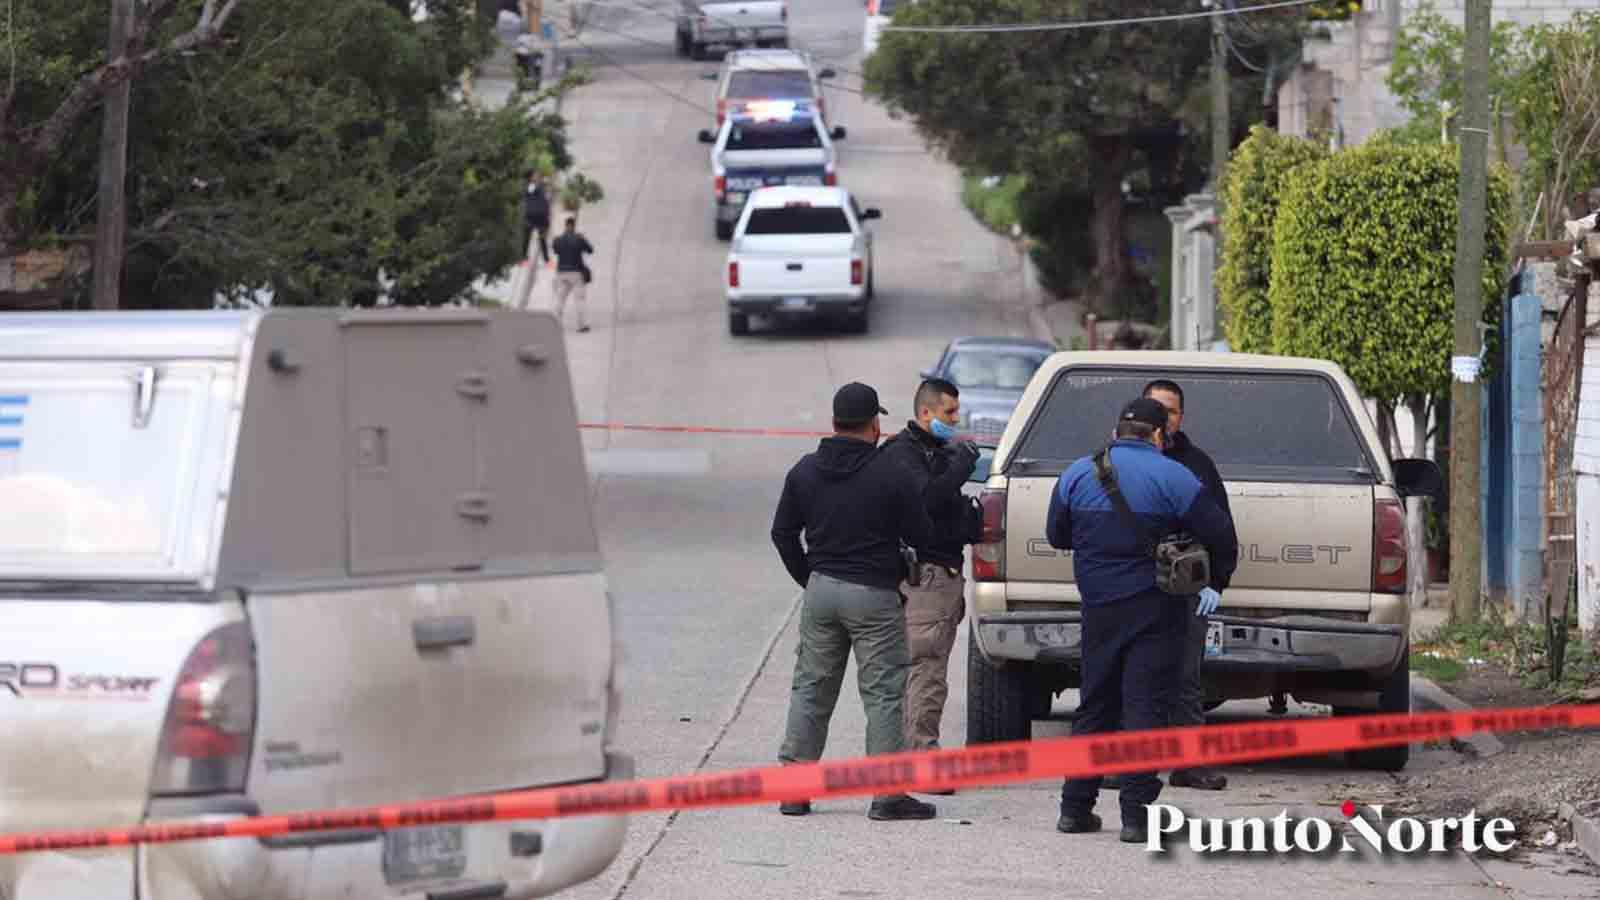 Reporta a hombre secuestrado y al llegar la policía estaba mutilado y sin vida